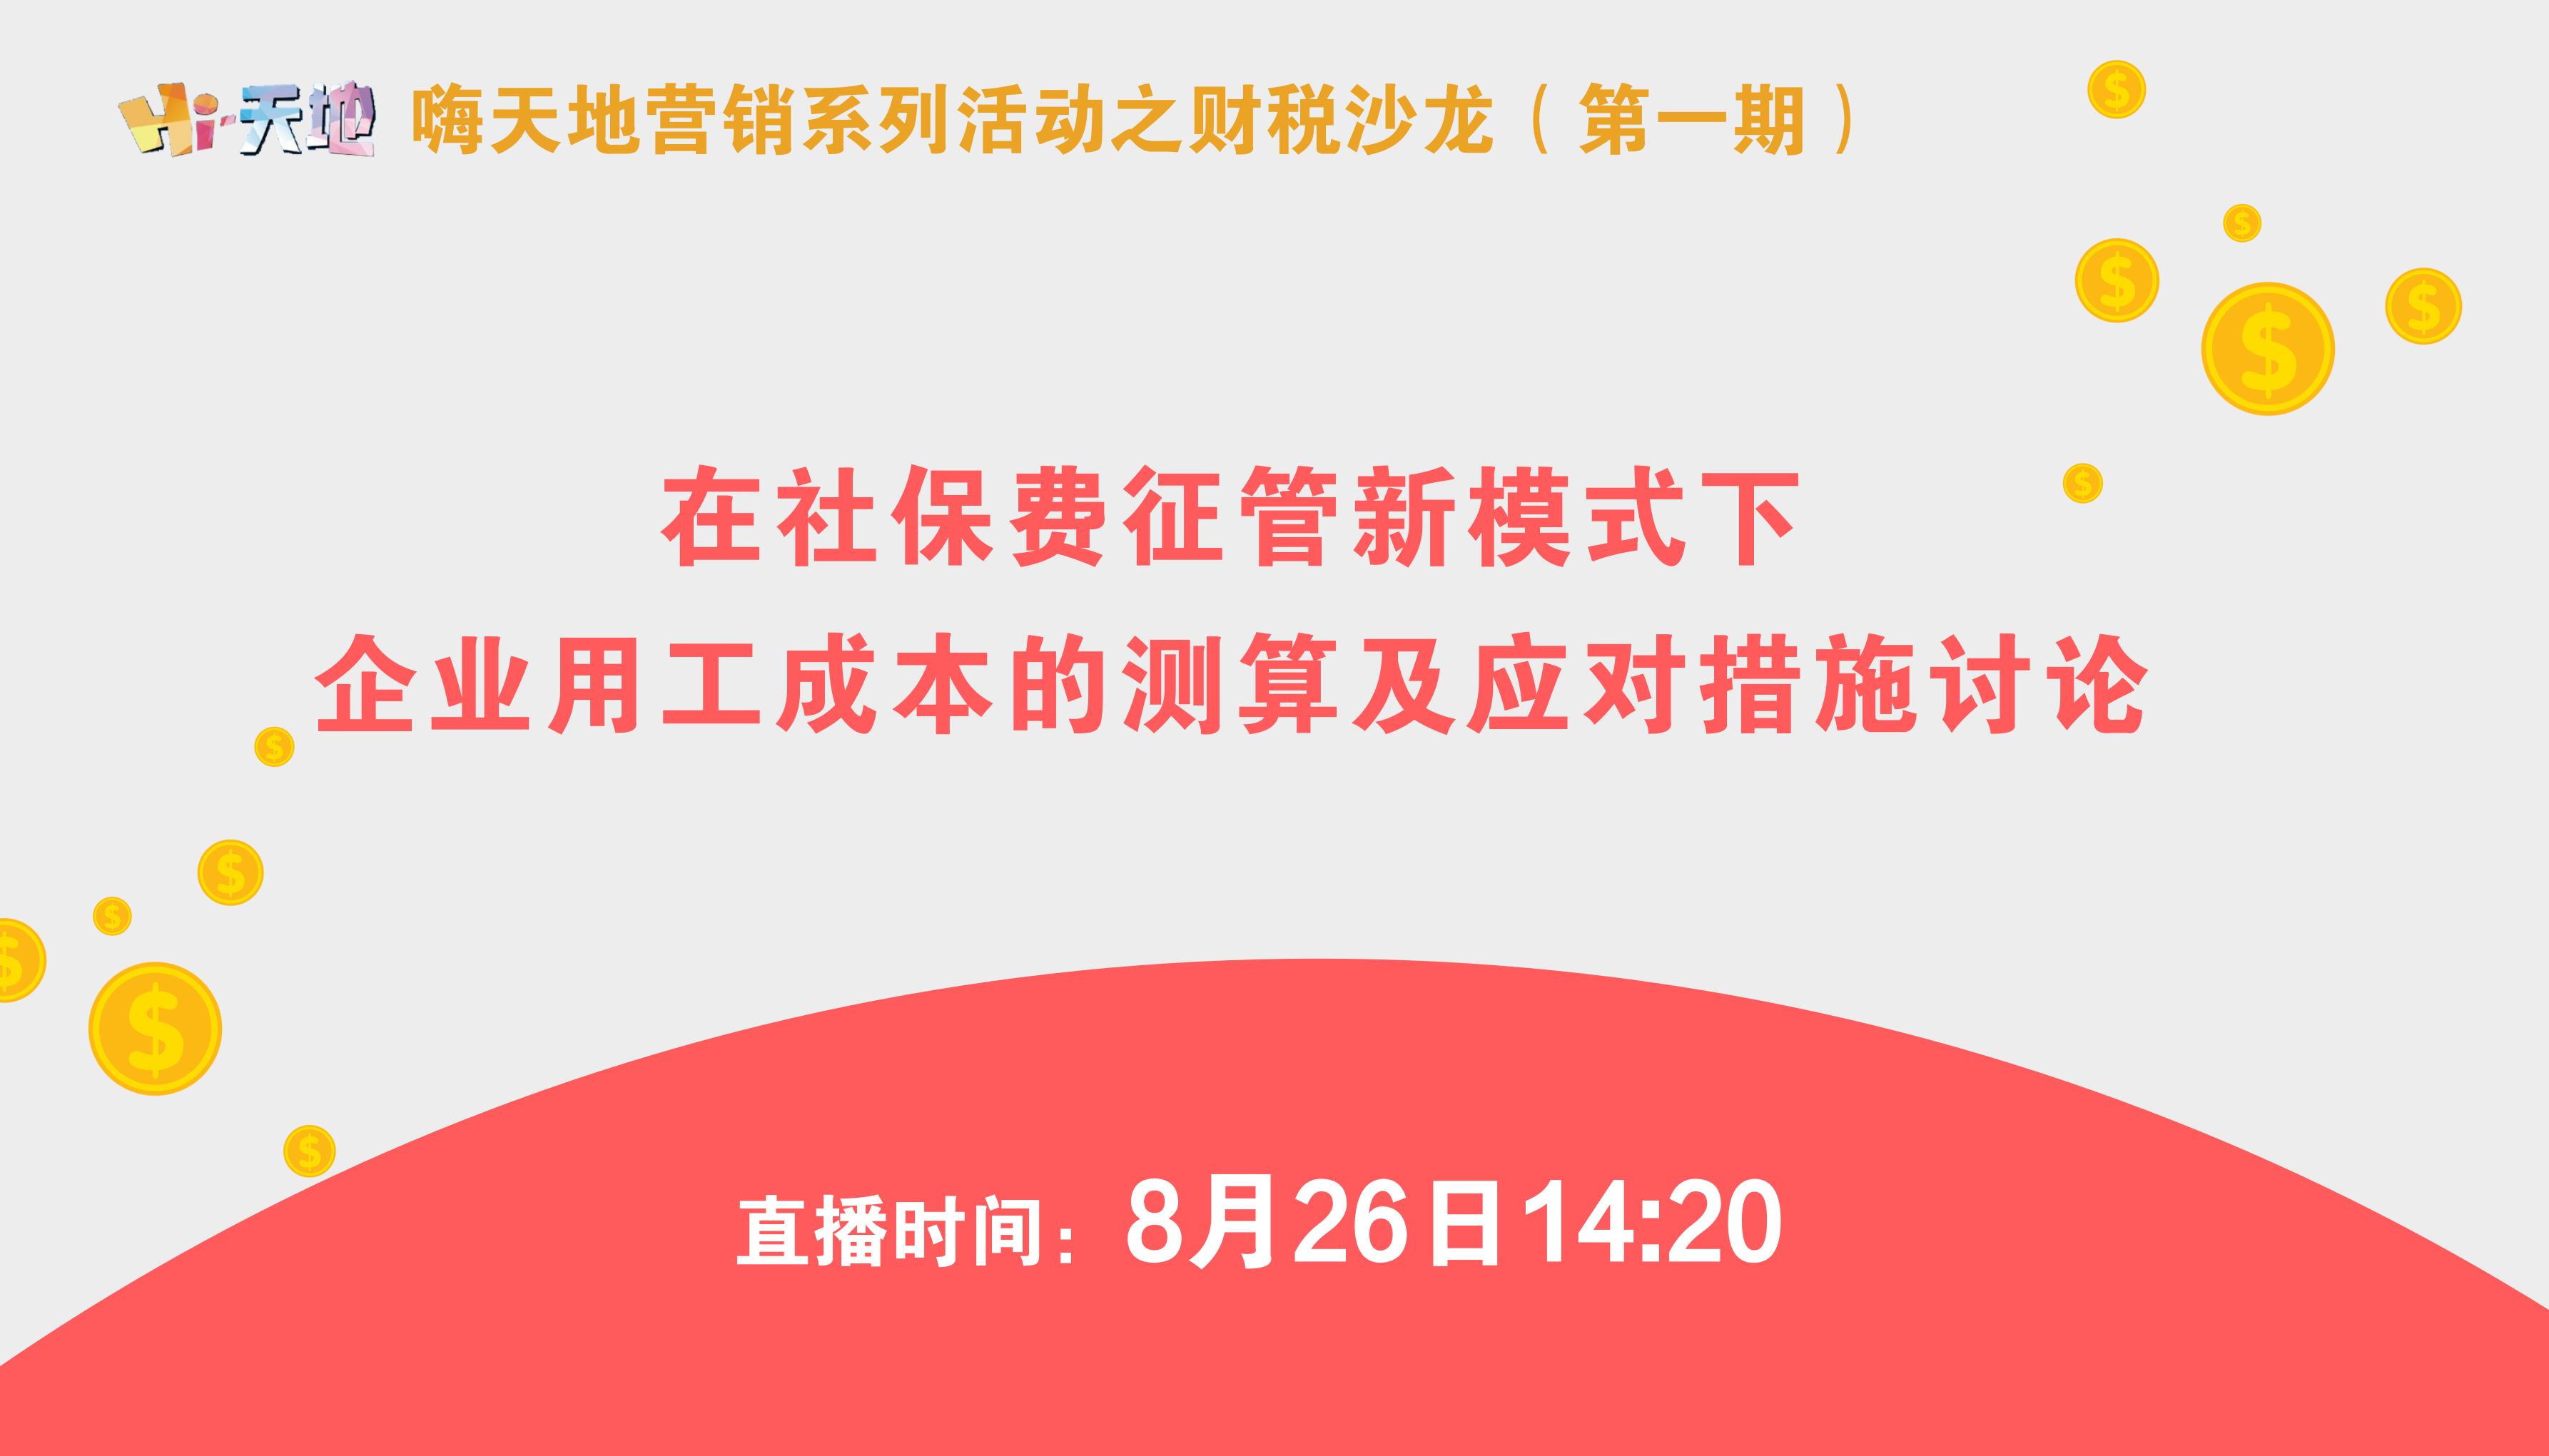 """""""嗨天地""""活动营销系列活动之财税沙龙(图1)"""